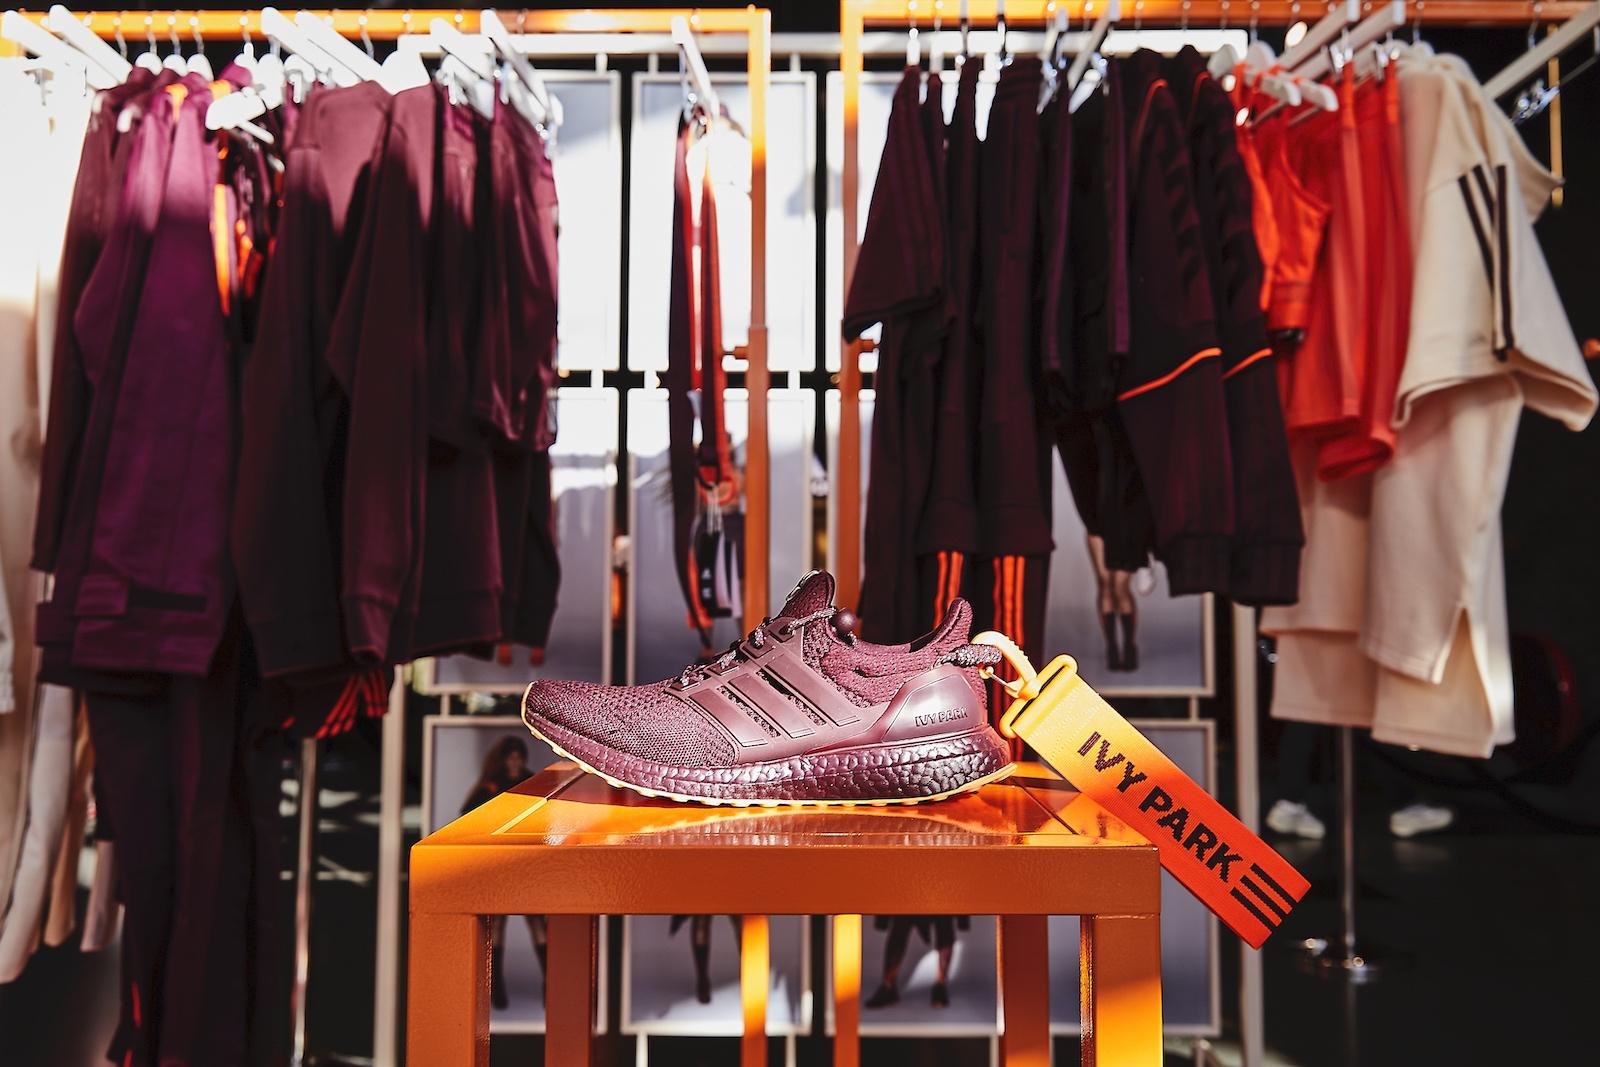 Burgundy Ivy Park sneaker propped on an orange pedestal.